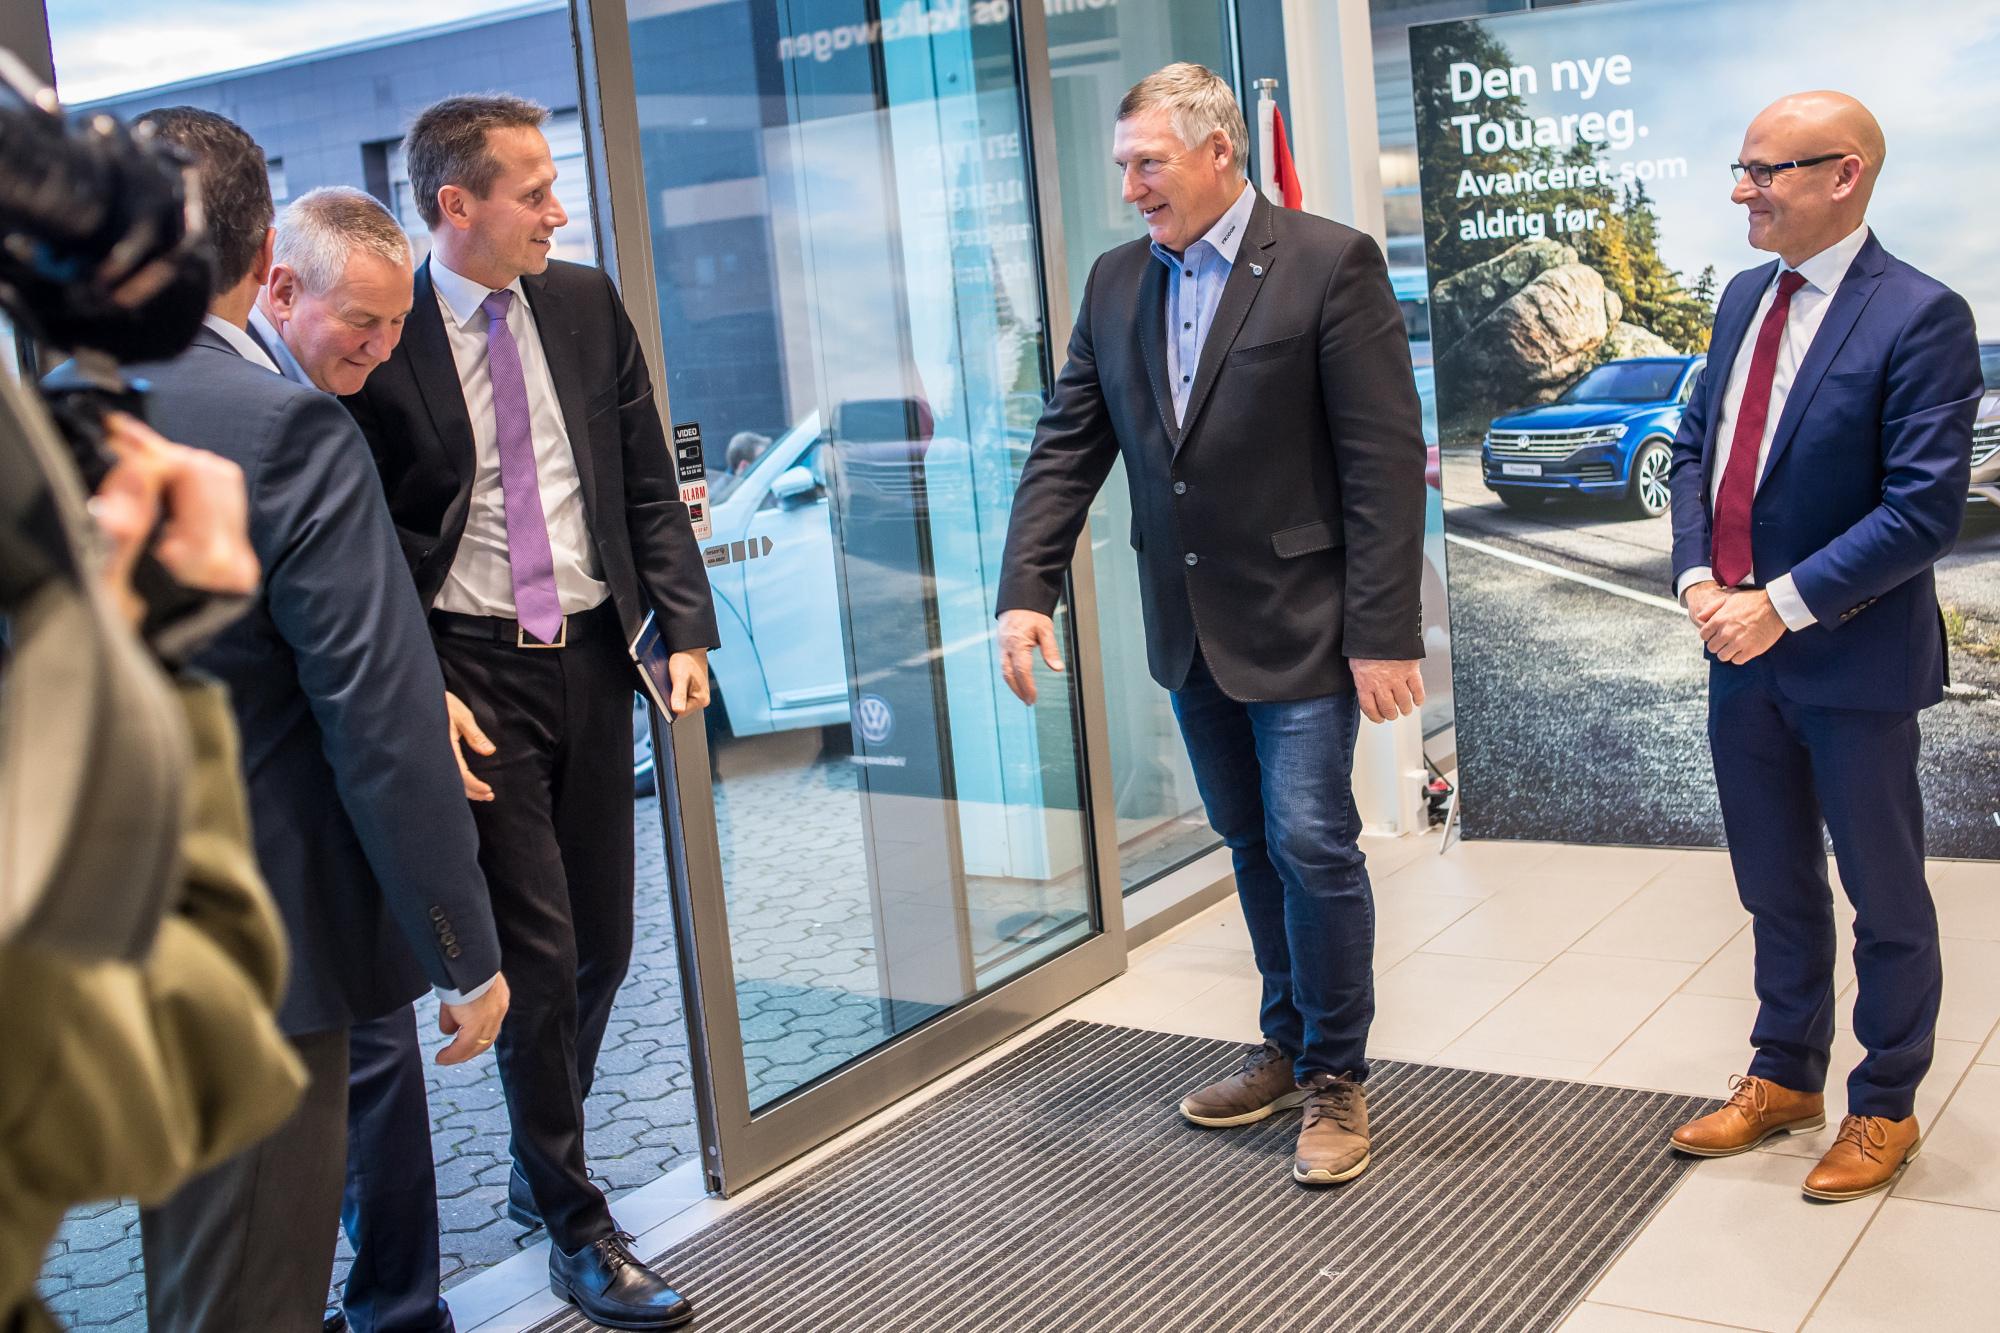 Minister gav nordjyske erhvervsfolk ret: Tyskland anvender EU-støtte forkert